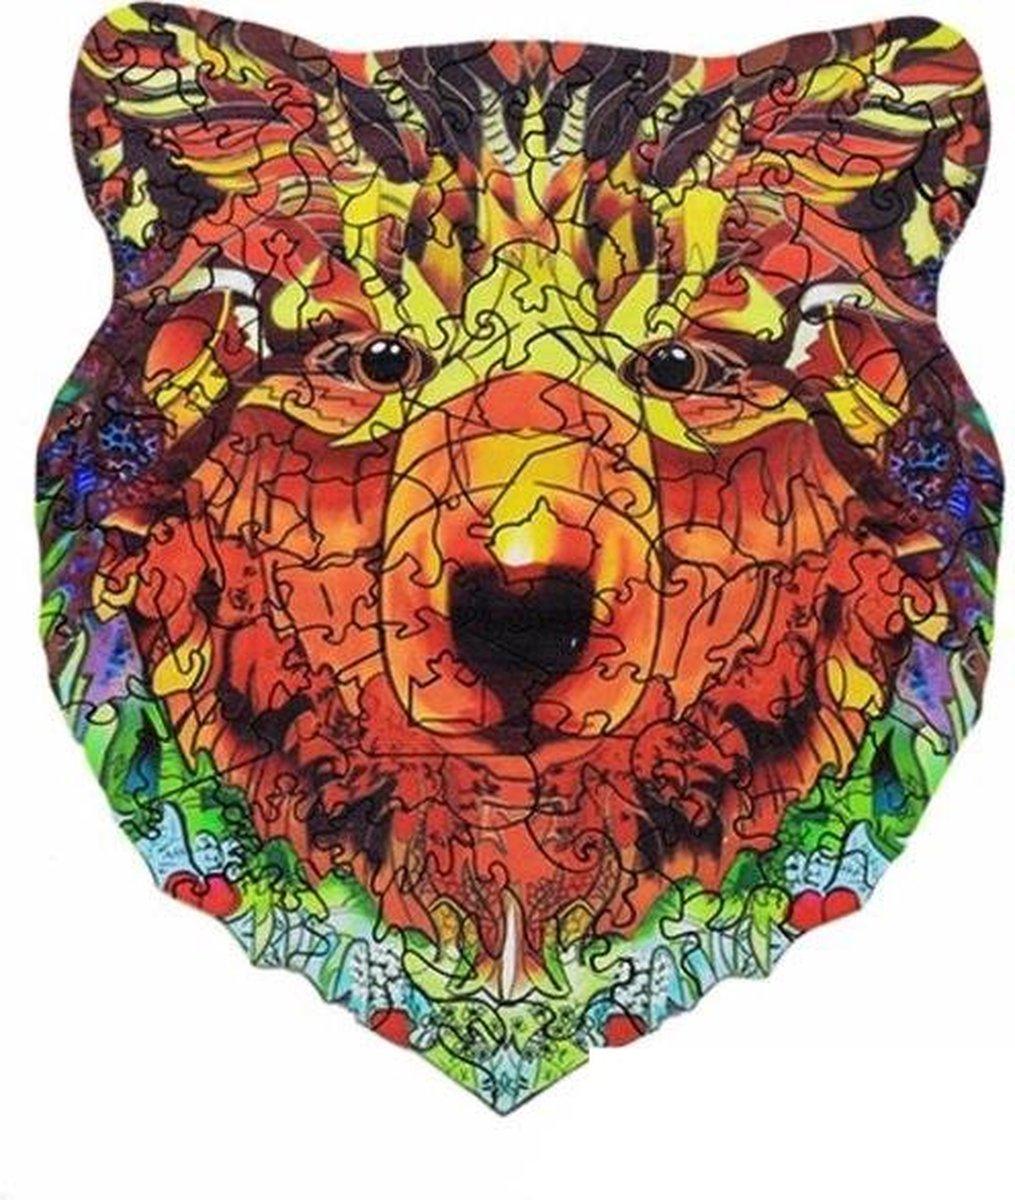 Houten jigsaw puzzel | Dierenfiguur puzzel | Houten dieren Puzzel | Educatieve puzzel | Decoratief | Houten Legpuzzel | Wooden Animal Jigsaw Puzzle | Breinbreker | A4 | Beer